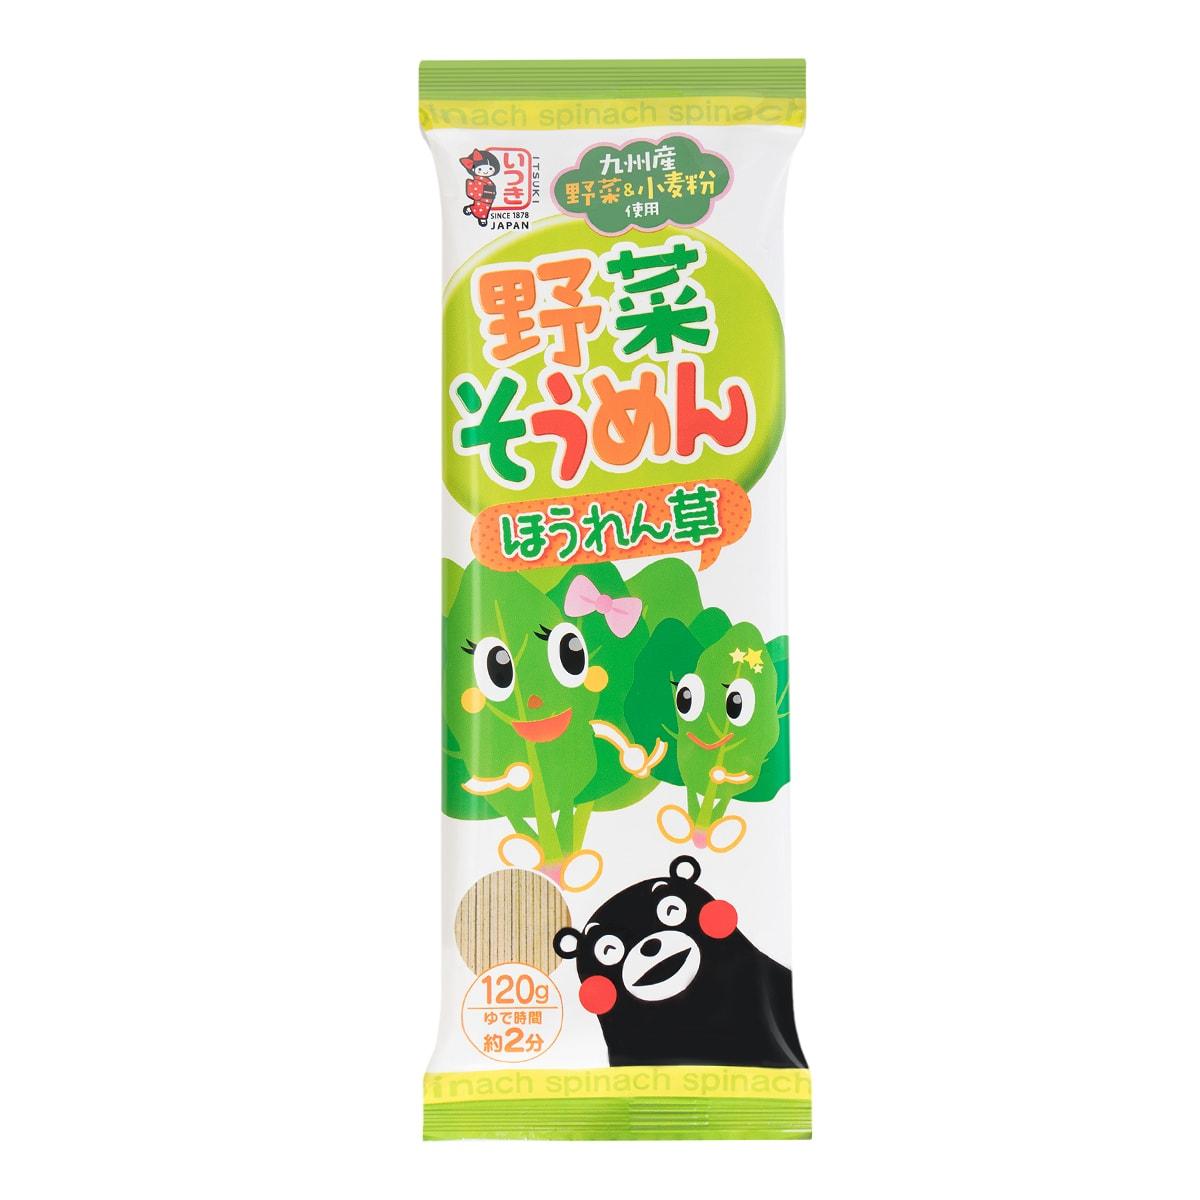 日本ITSUKI五木 日式蔬菜小麦面 120g